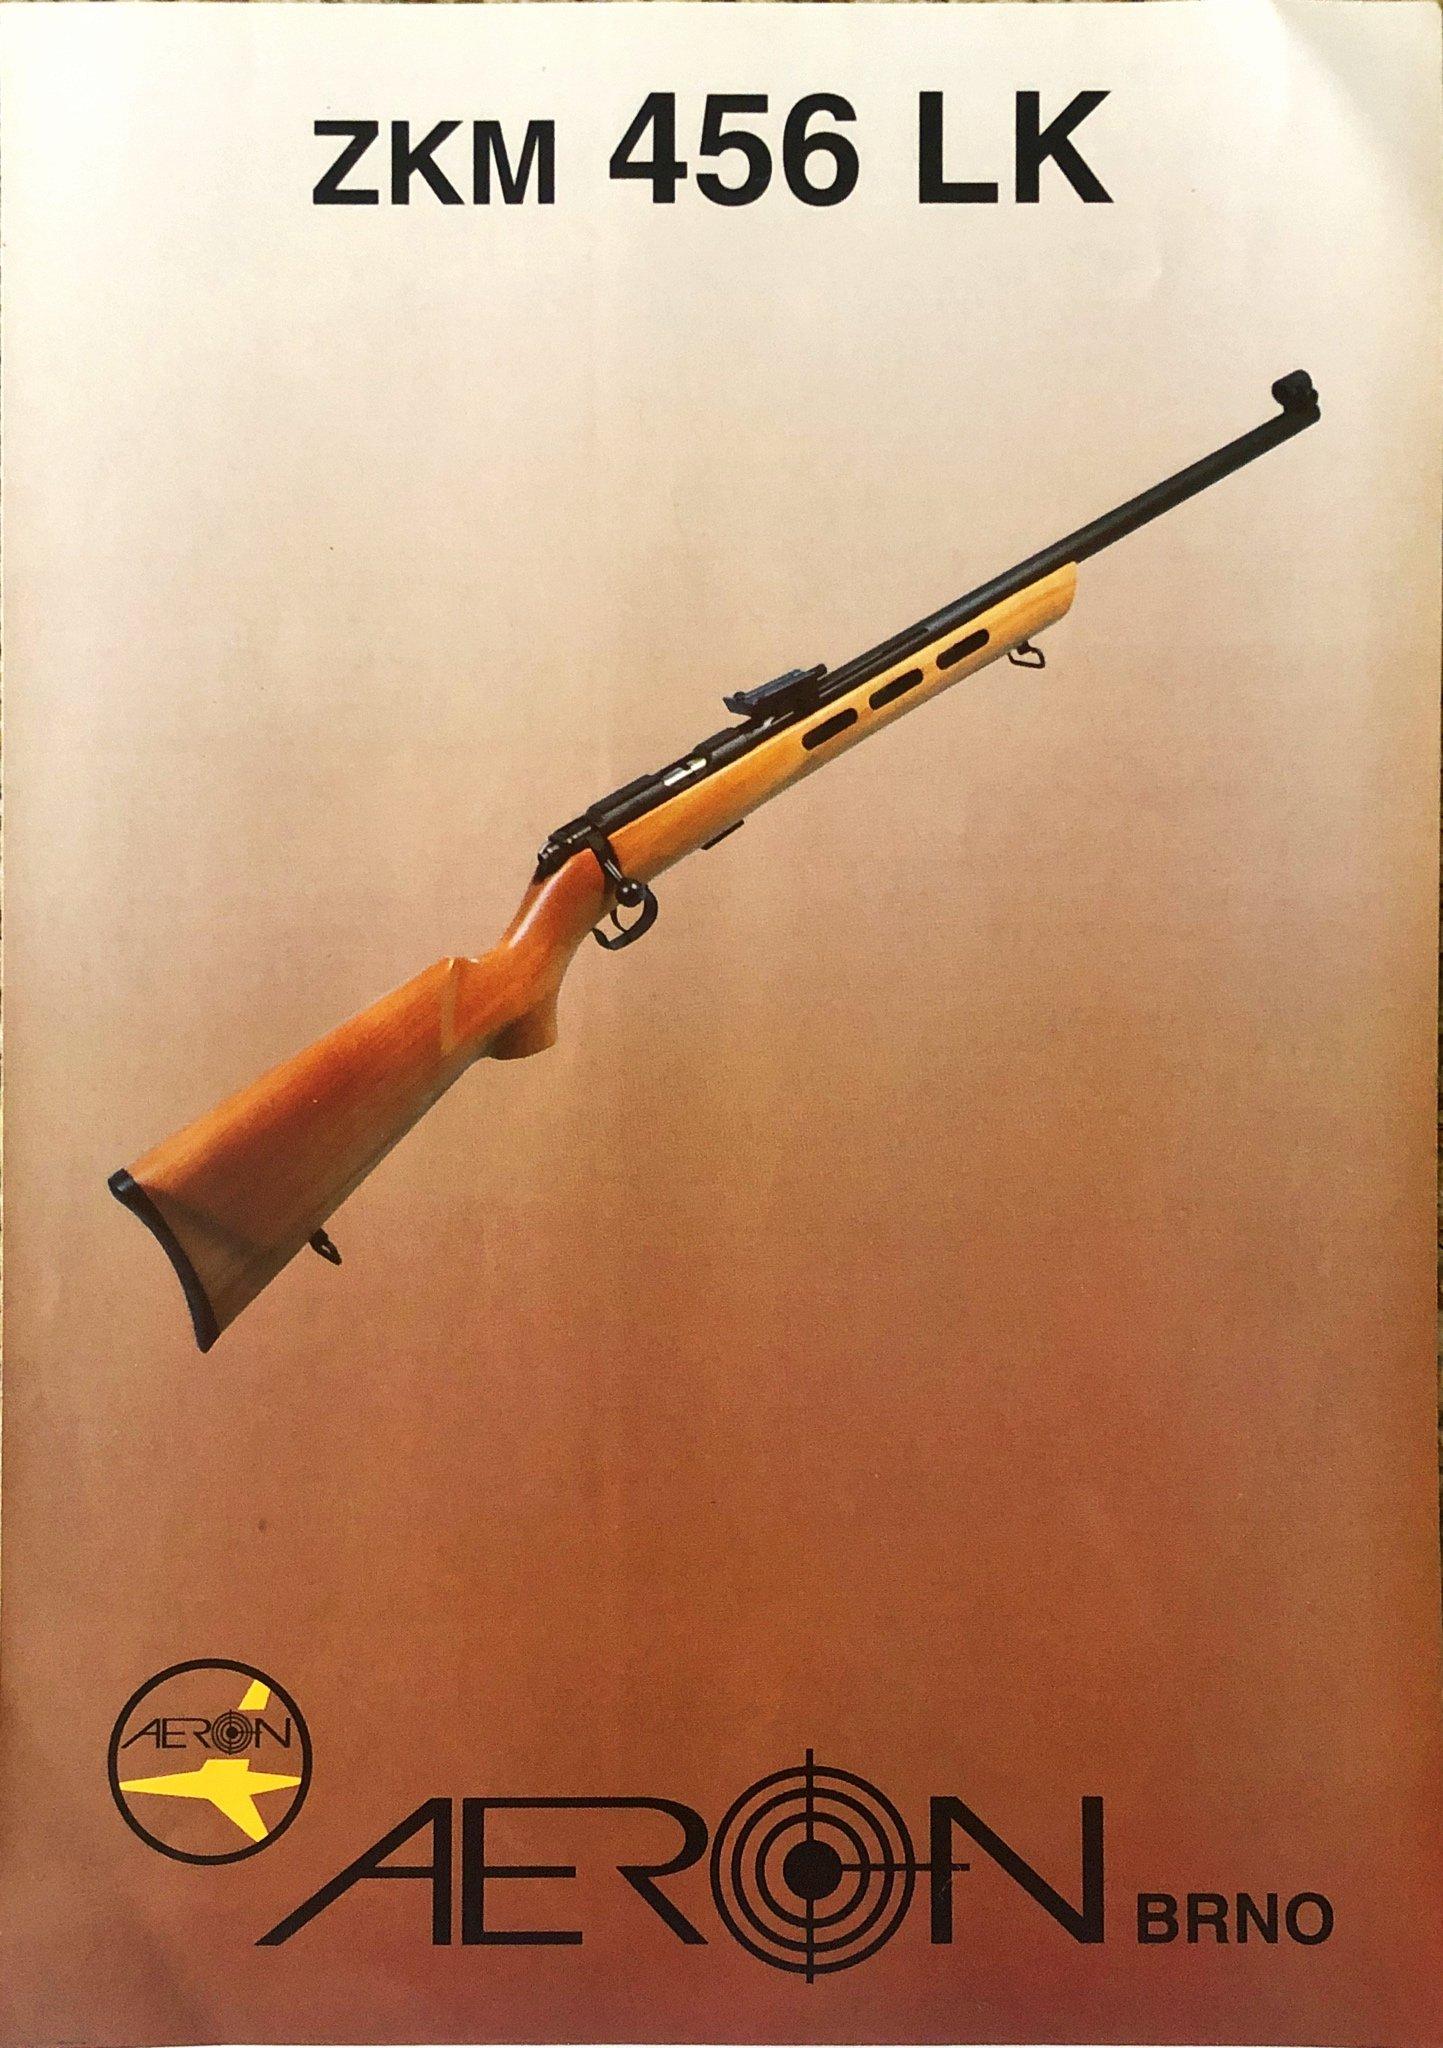 Brno Mod. 4 - une carabine .22 LR réglementaire de la Guerre froide - Page 7 210121093243728412